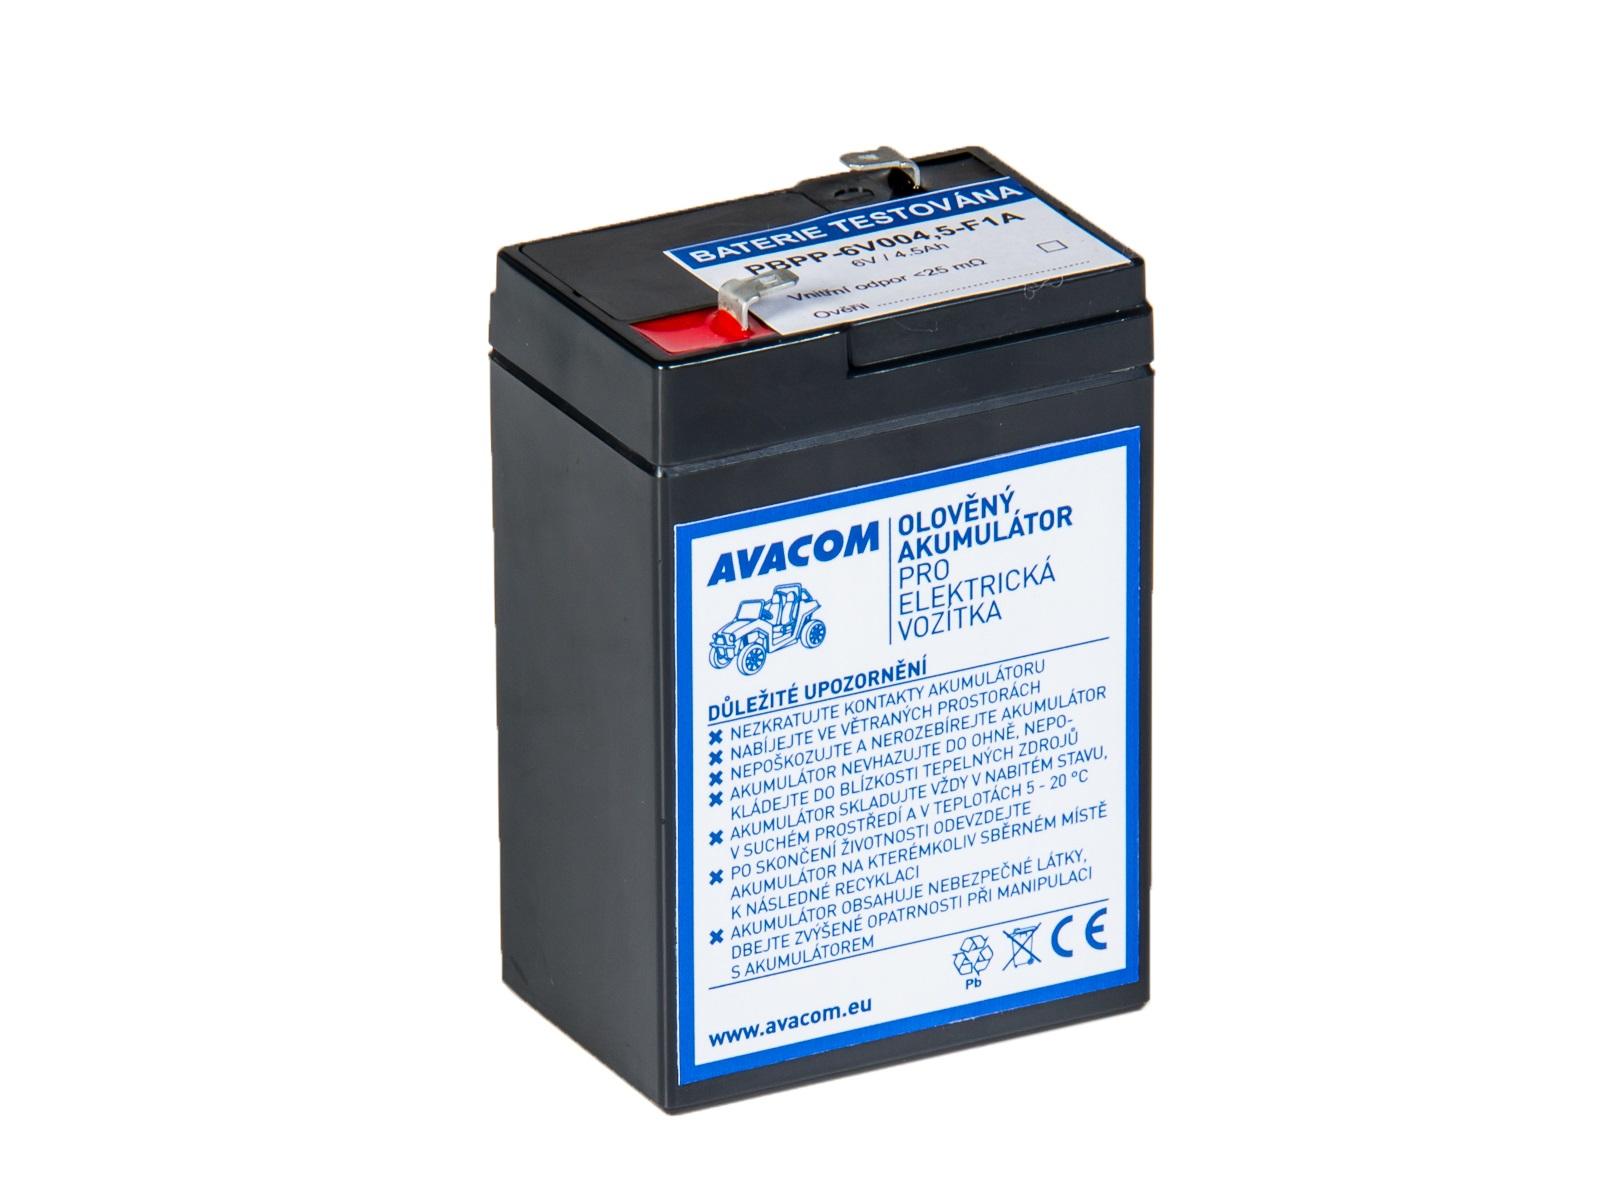 AVACOM náhradní baterie (olověný akumulátor) 6V 4,5Ah do vozítka Peg Pérego F1 - PBPP-6V004,5-F1A